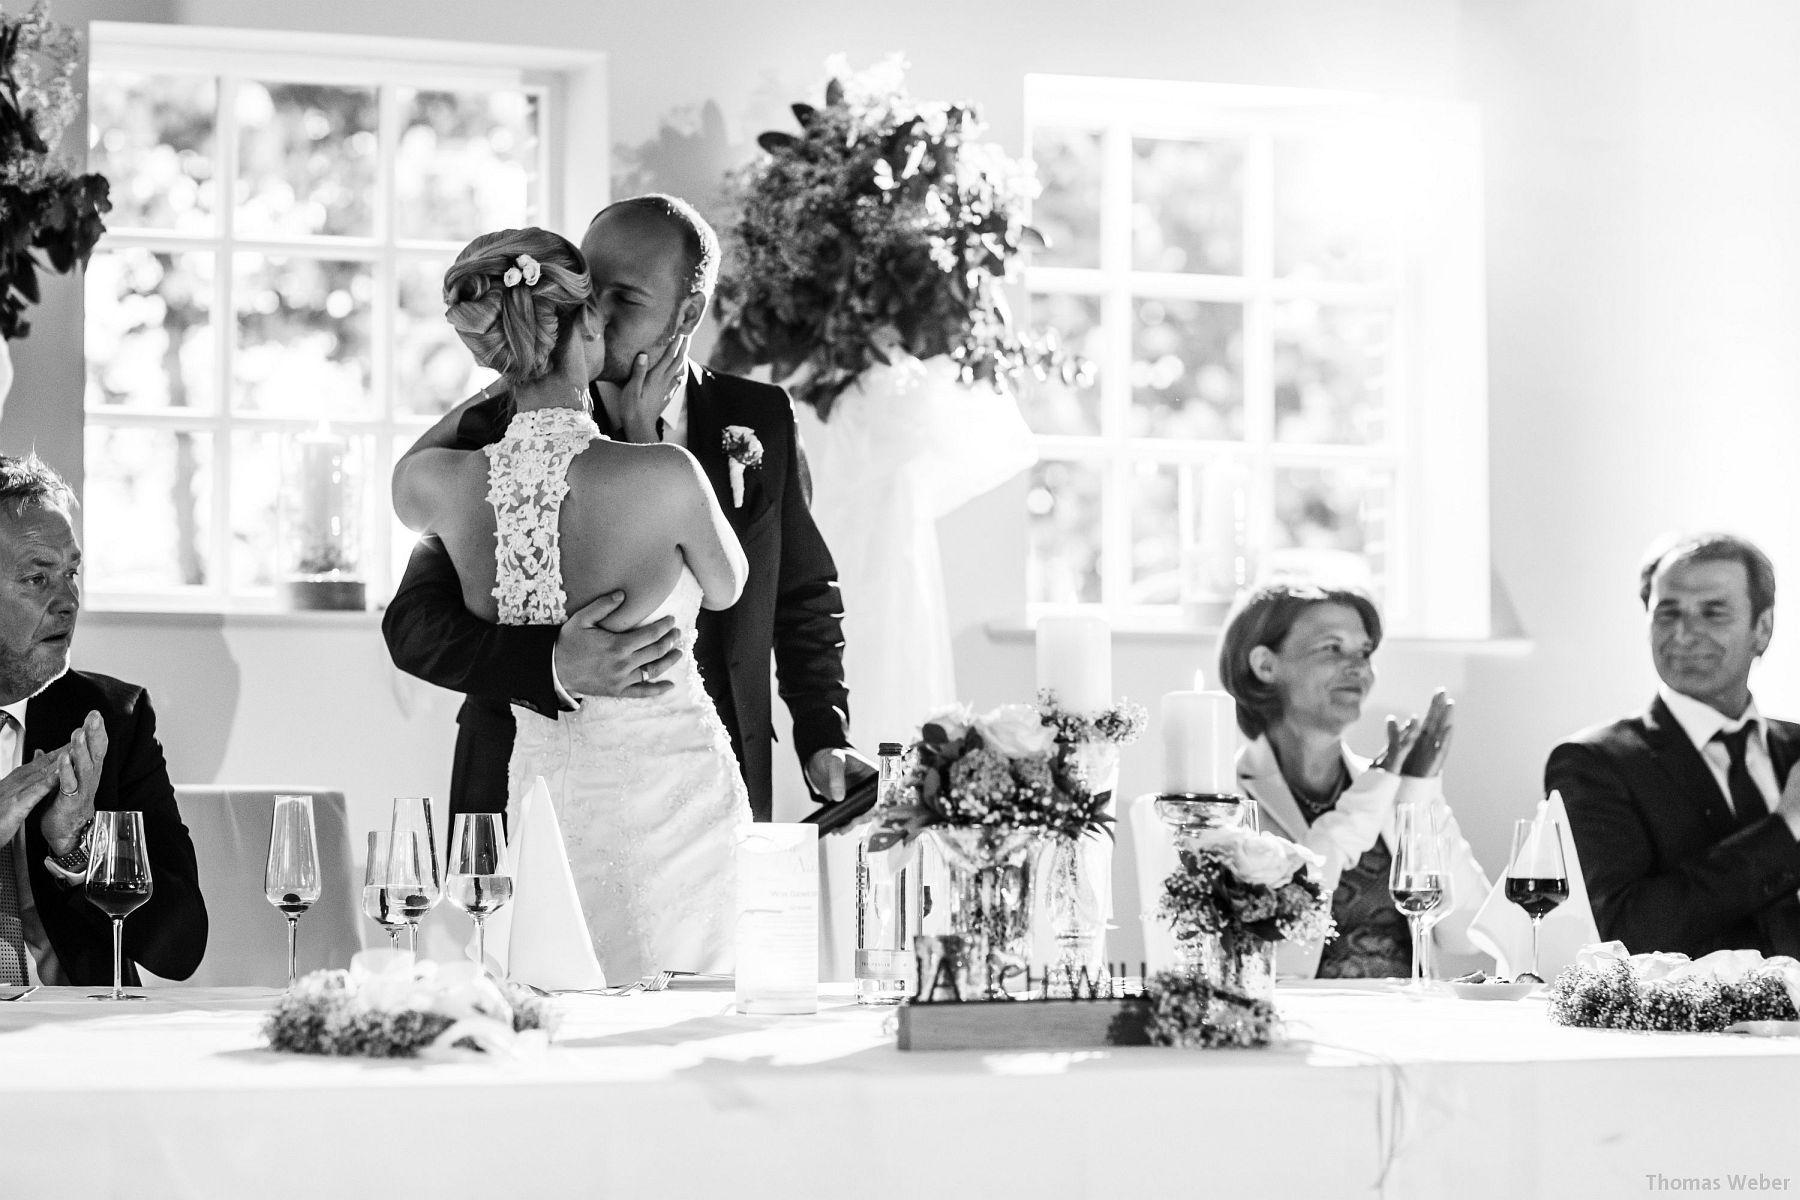 Hochzeitsfotograf Thomas Weber aus Oldenburg (36)